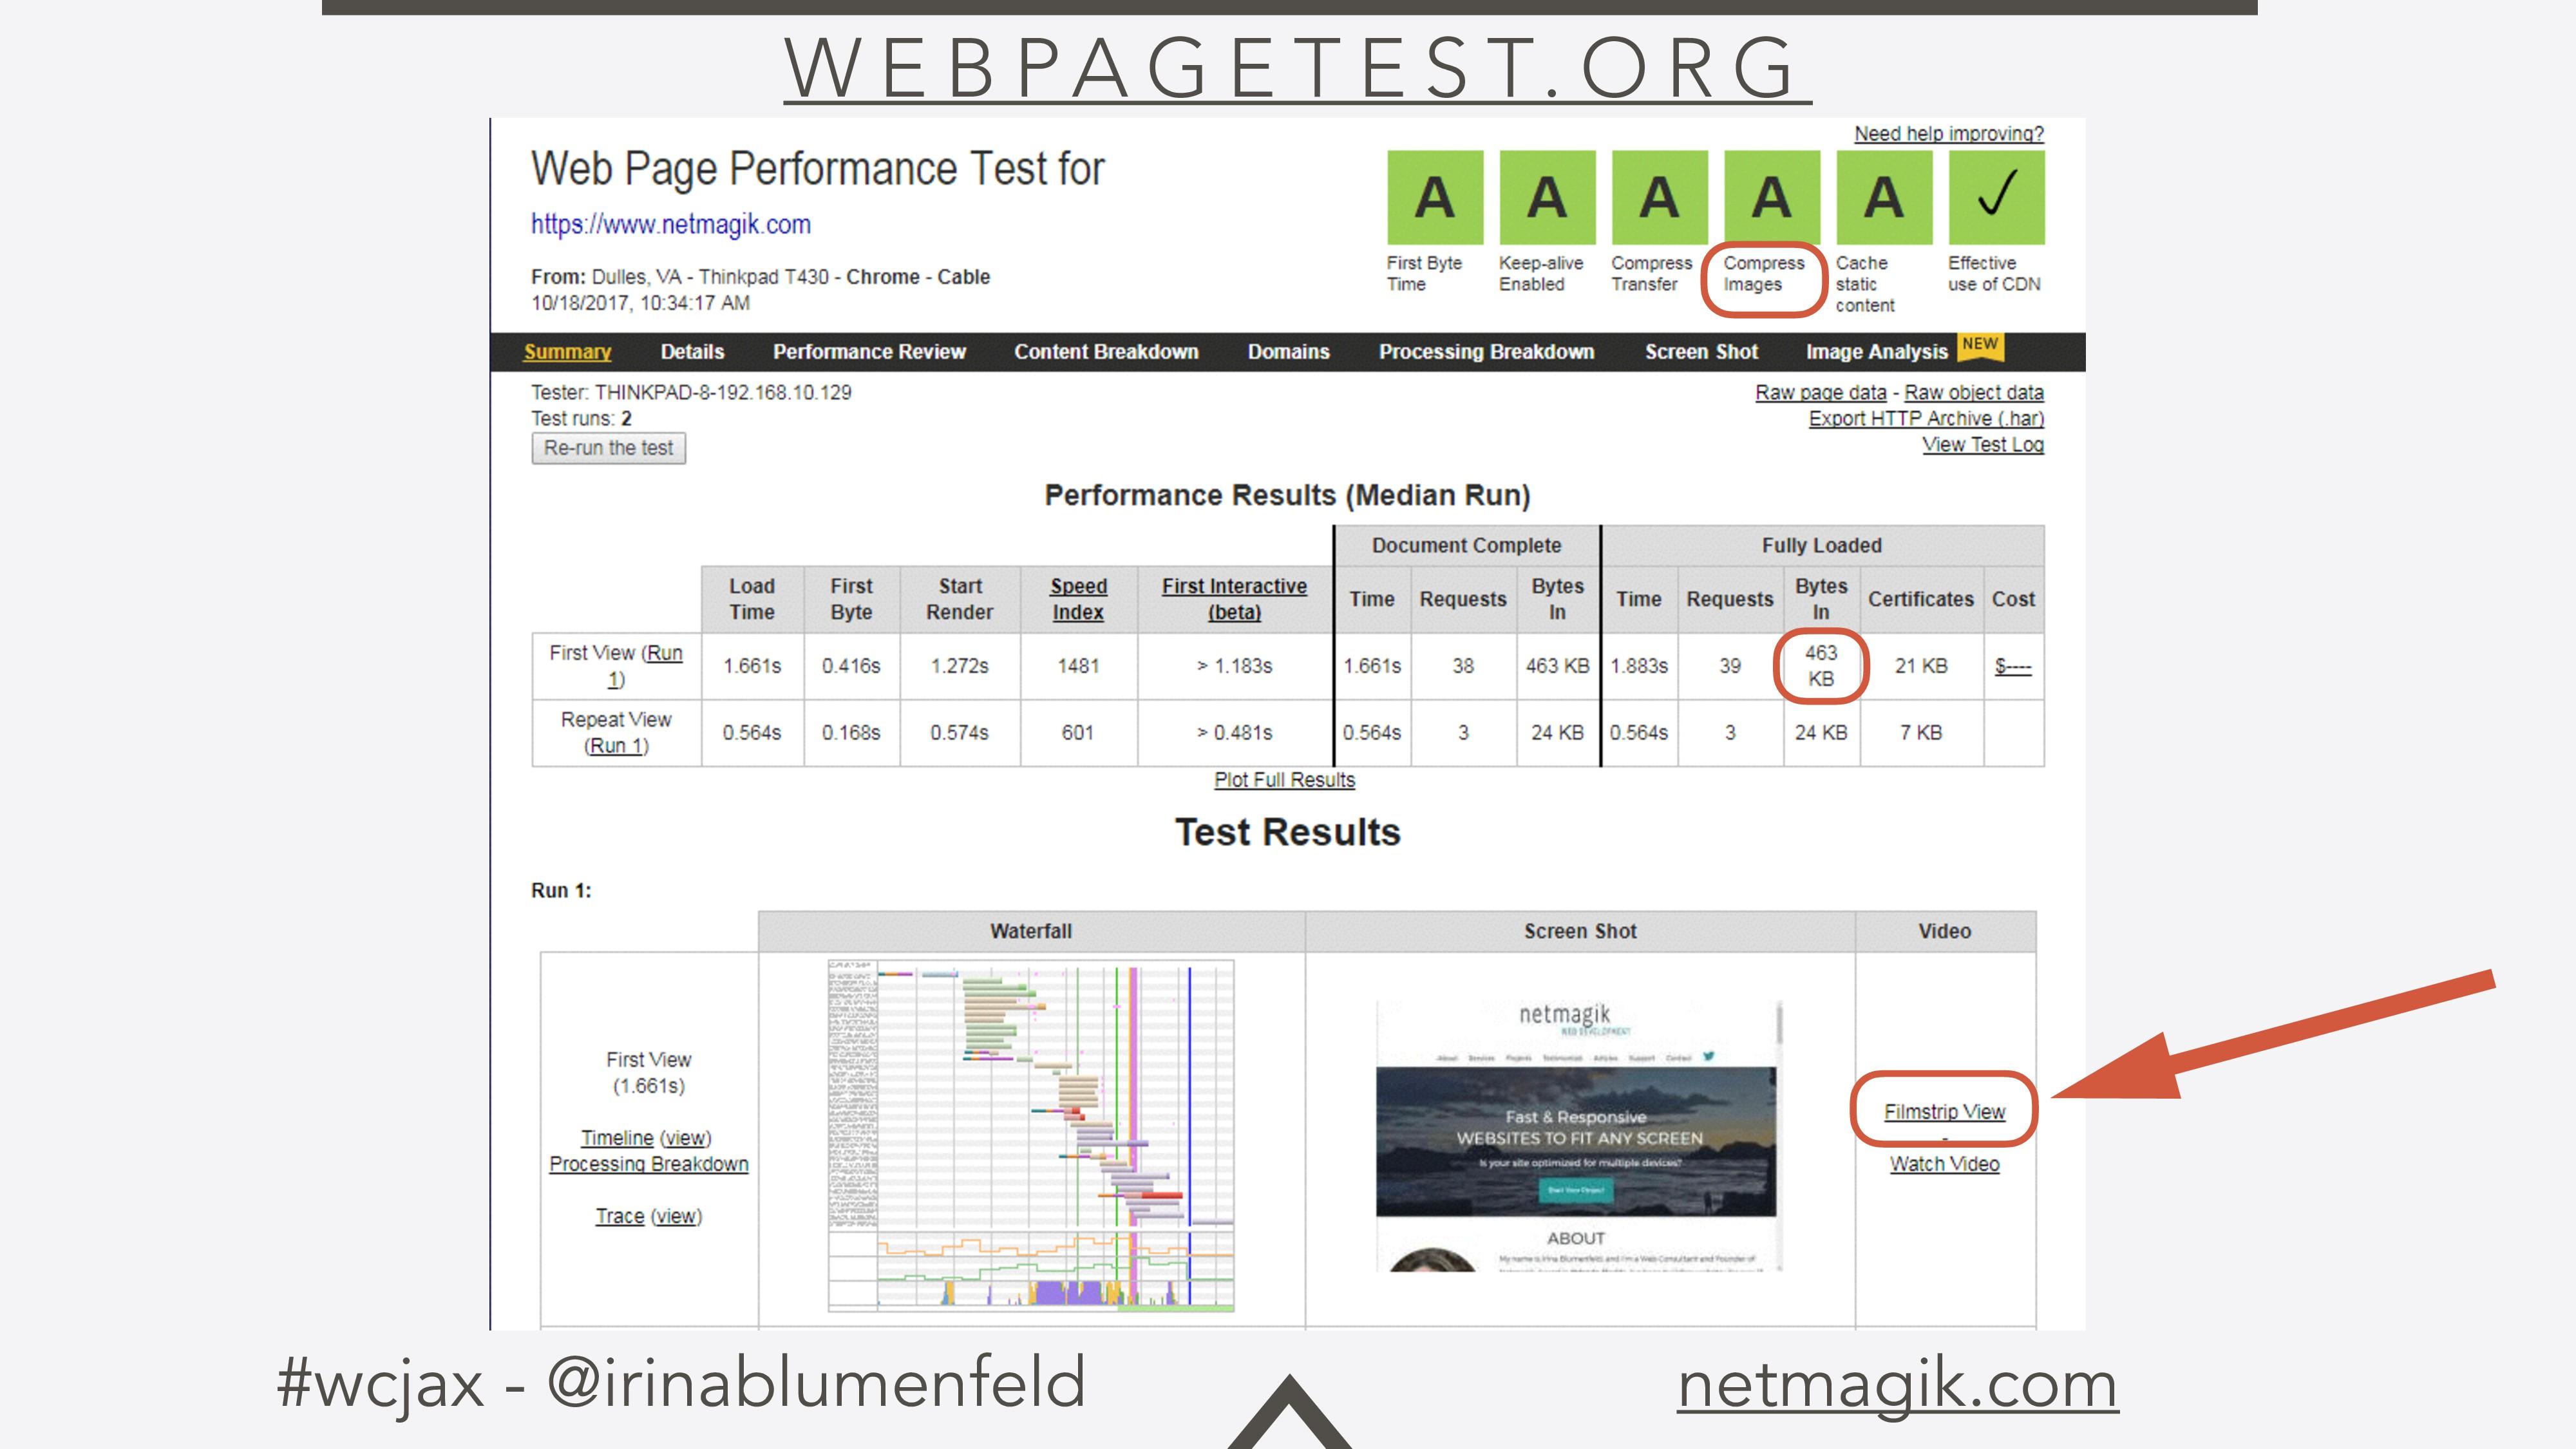 #wcjax - @irinablumenfeld netmagik.com W E B PA...